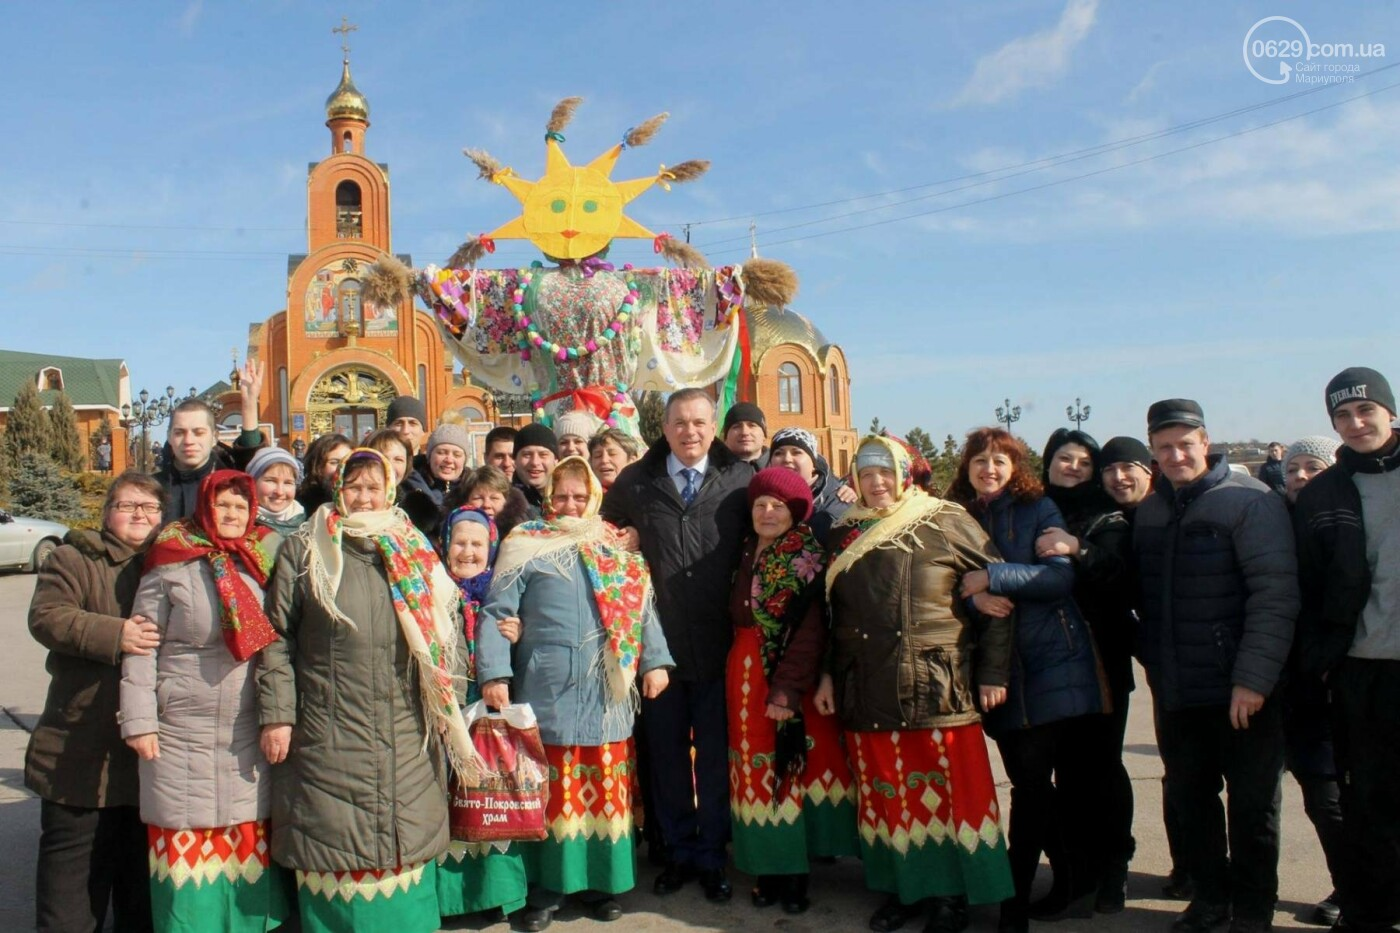 18 февраля в Боевом установят рекорд Украины по выпеканию блинов. Приглашаем на масштабный праздник Масленицы., фото-7